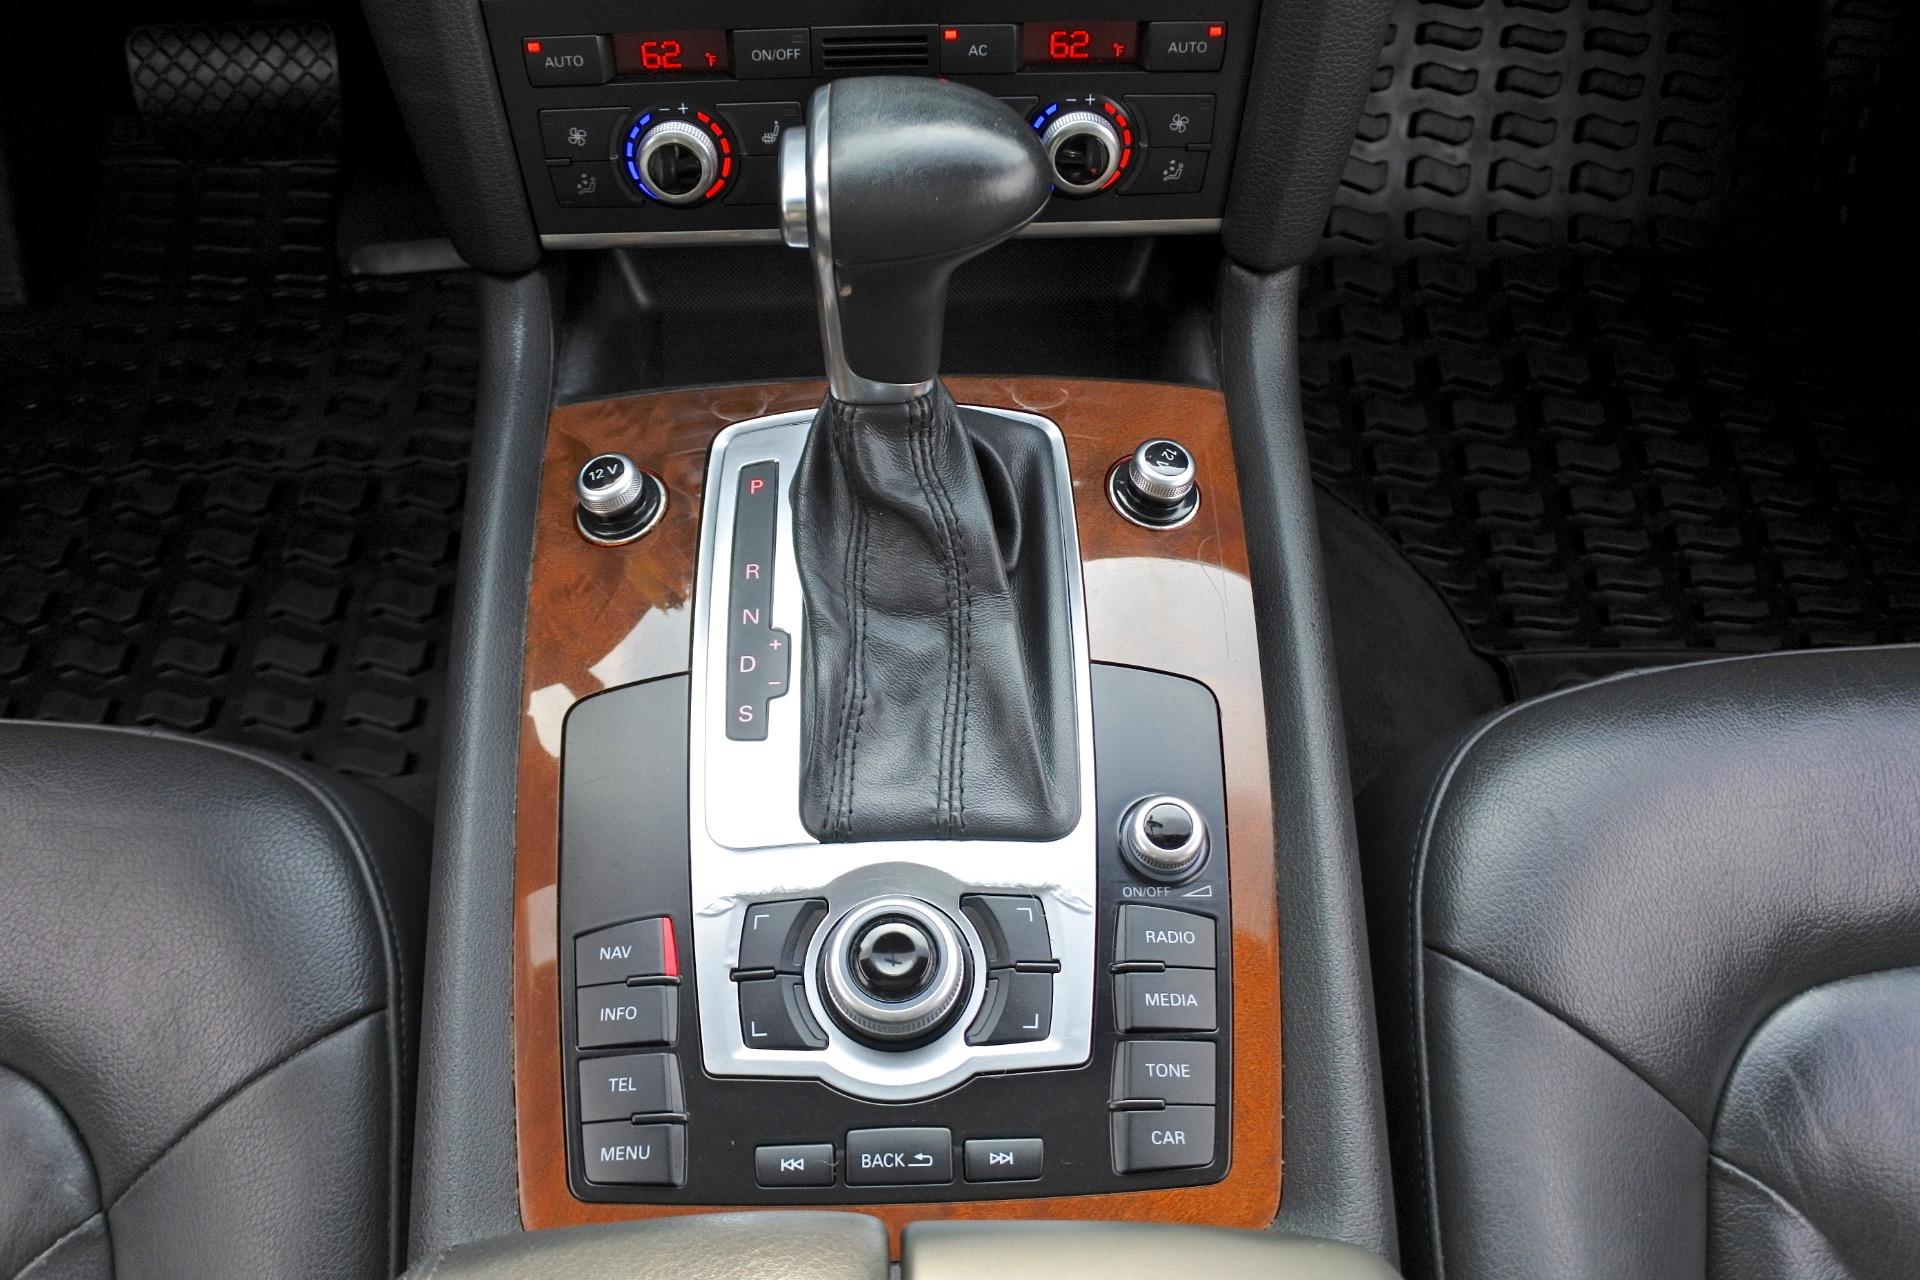 Used 2013 Audi Q7 TDI Premium Plus Used 2013 Audi Q7 TDI Premium Plus for sale  at Metro West Motorcars LLC in Shrewsbury MA 12